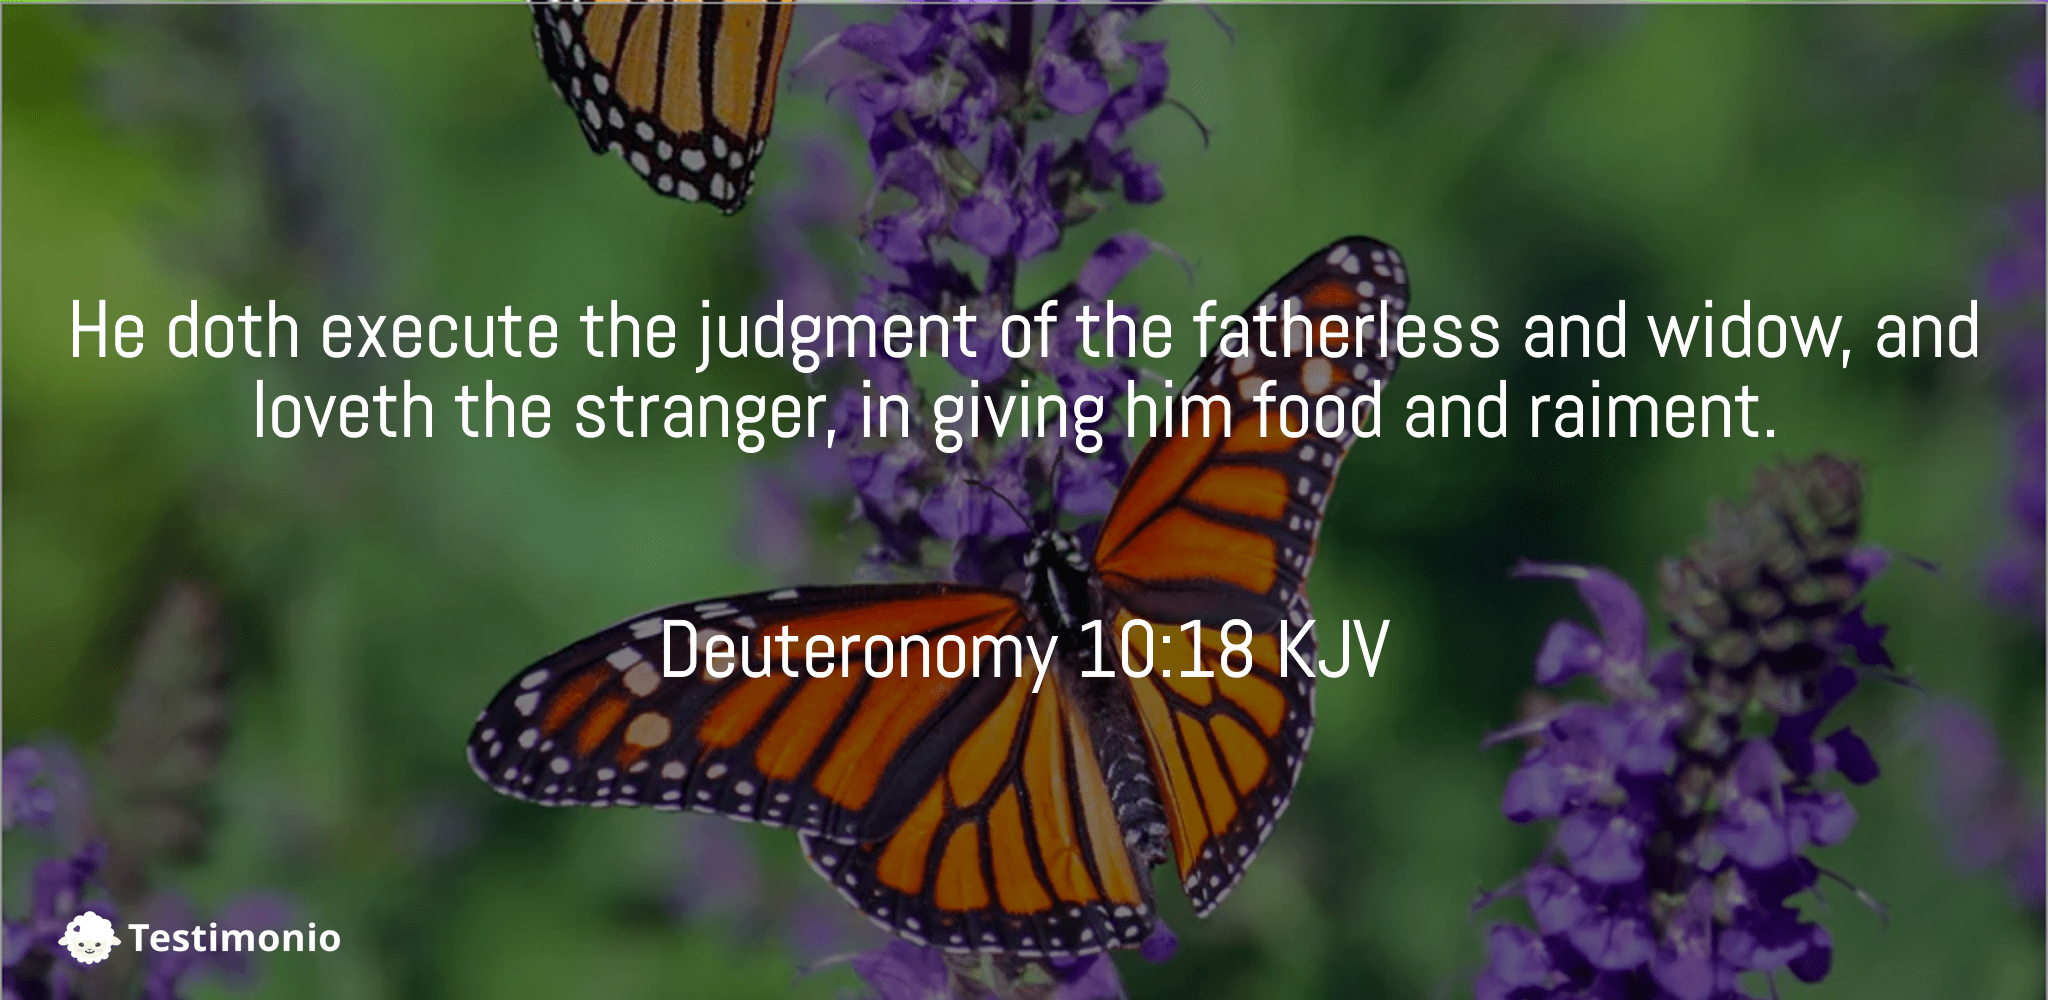 Deuteronomy 10:18